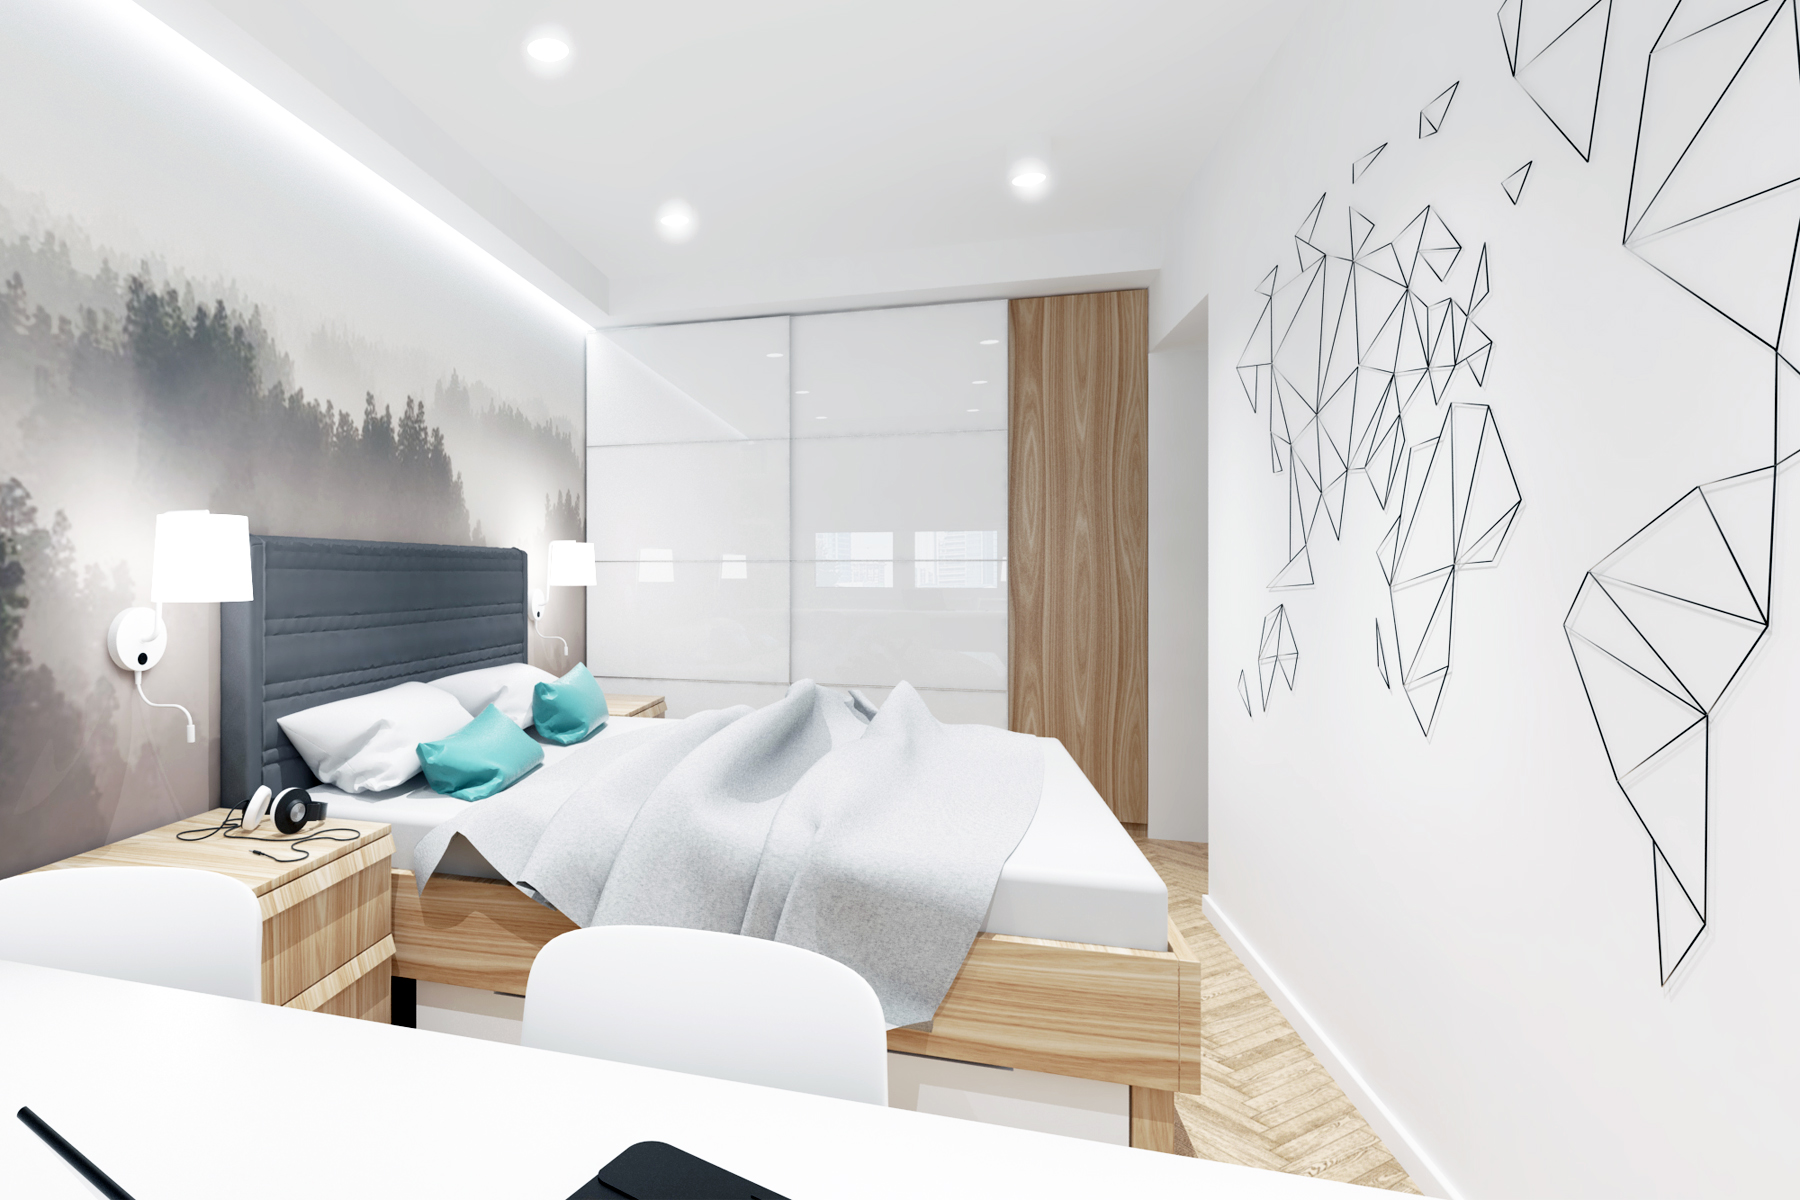 Projekty wnętrz - mieszkanie, klimatyczna sypialnia z fototapetą.